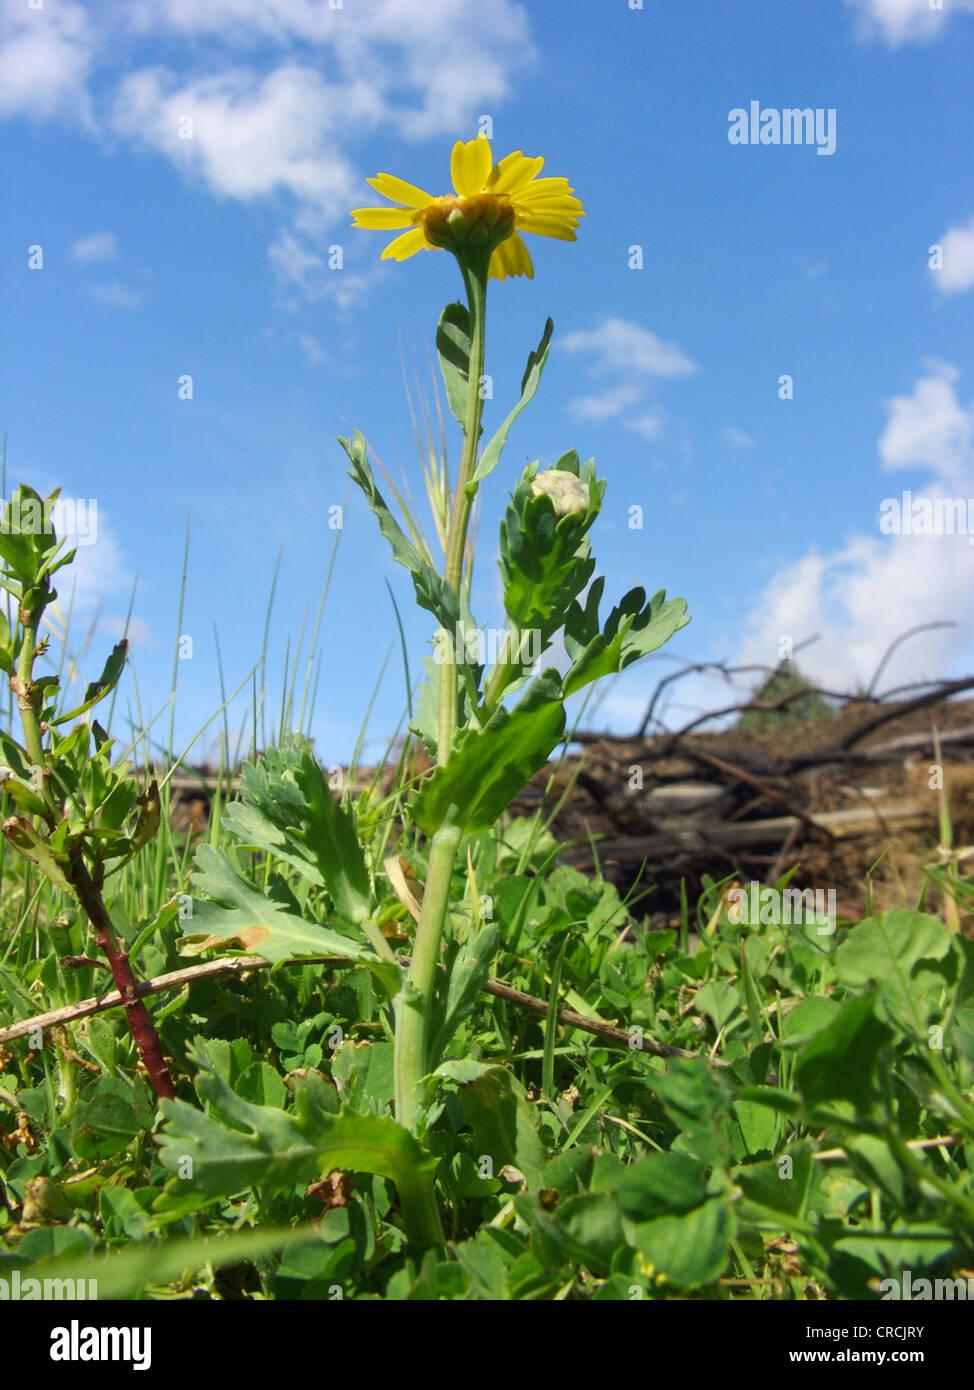 corn chrysanthemum, corn marigold (Chrysanthemum segetum), blooming, Italy, Sicilia Stock Photo